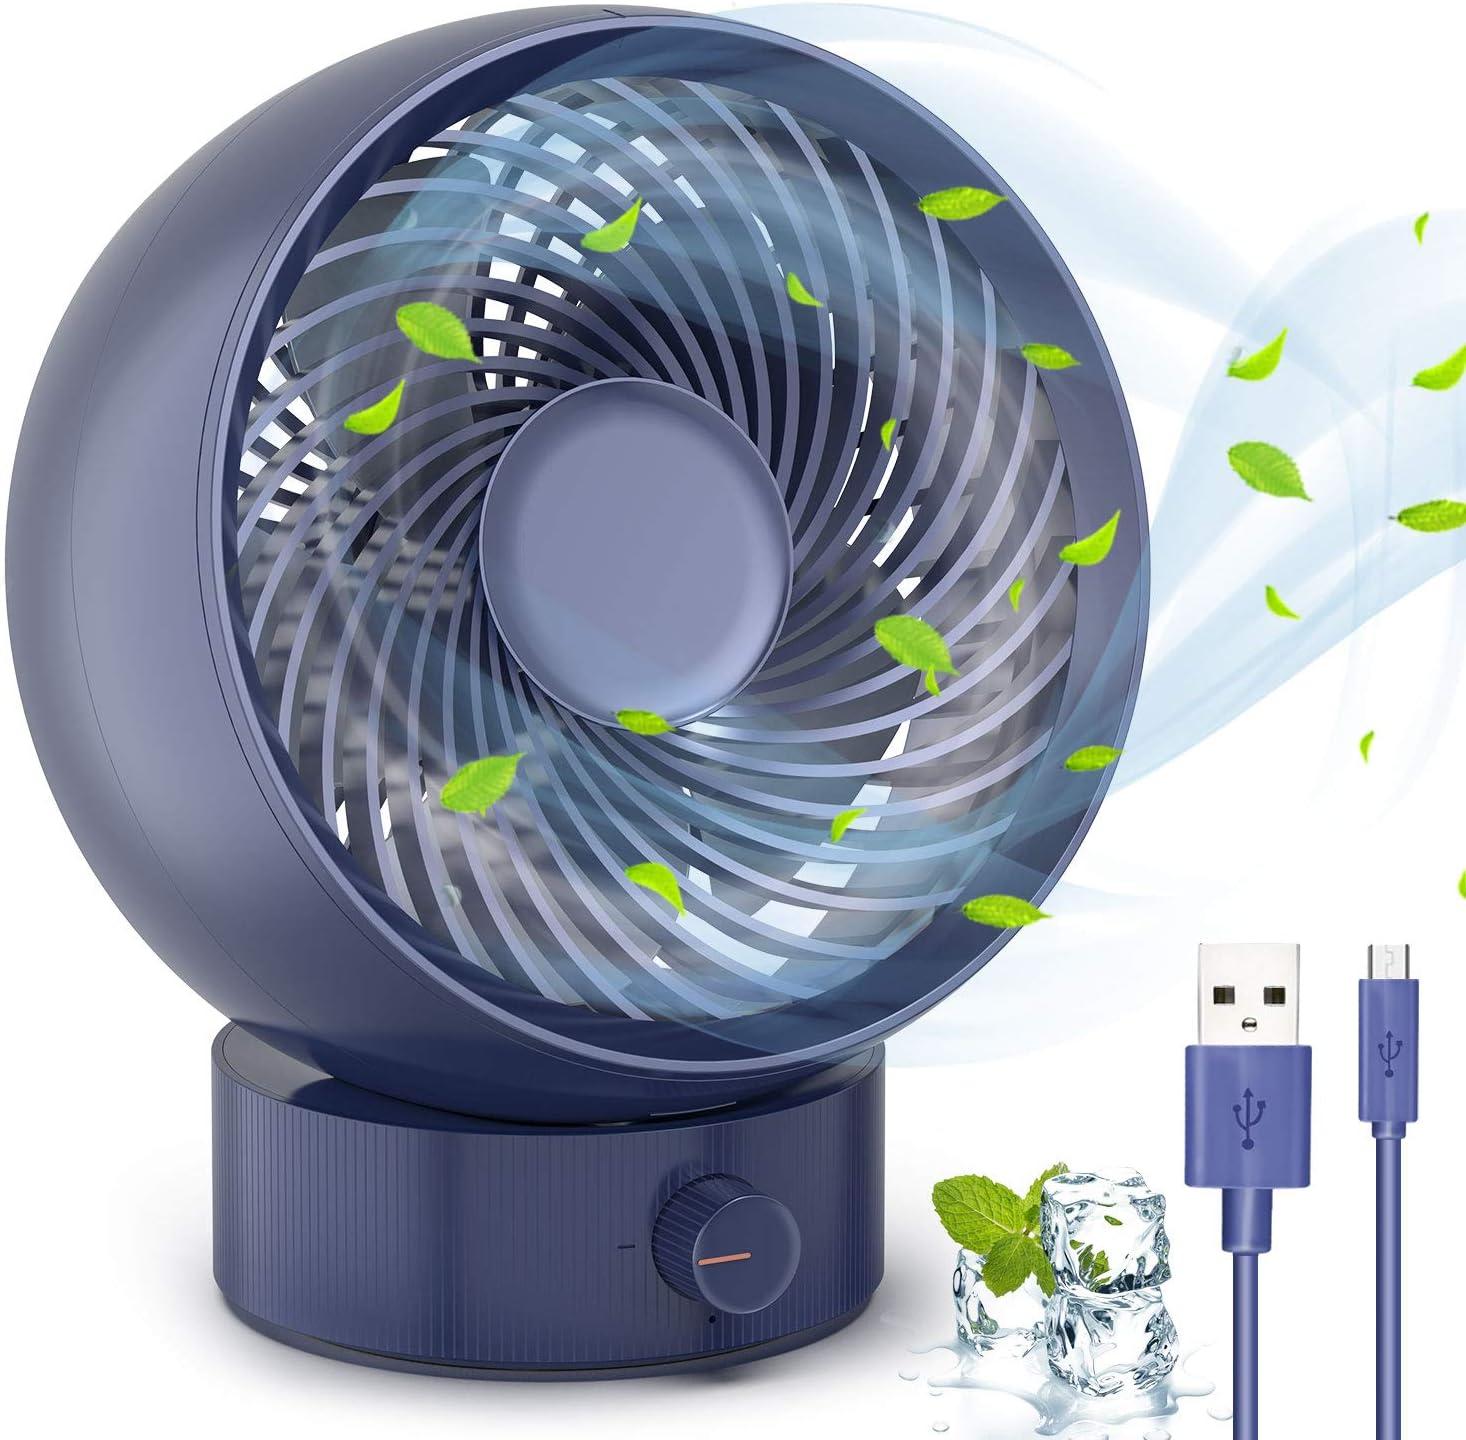 TedGem Ventilador, Ventilador USB Ventilador de Mesa Mini Ventilador USB Silencioso 180 Tipos Velocidad del Viento, Puede Ajustar hacia Arriba y hacia Abajo 20 °, para Oficina/Hogar/Viajar (Azul)